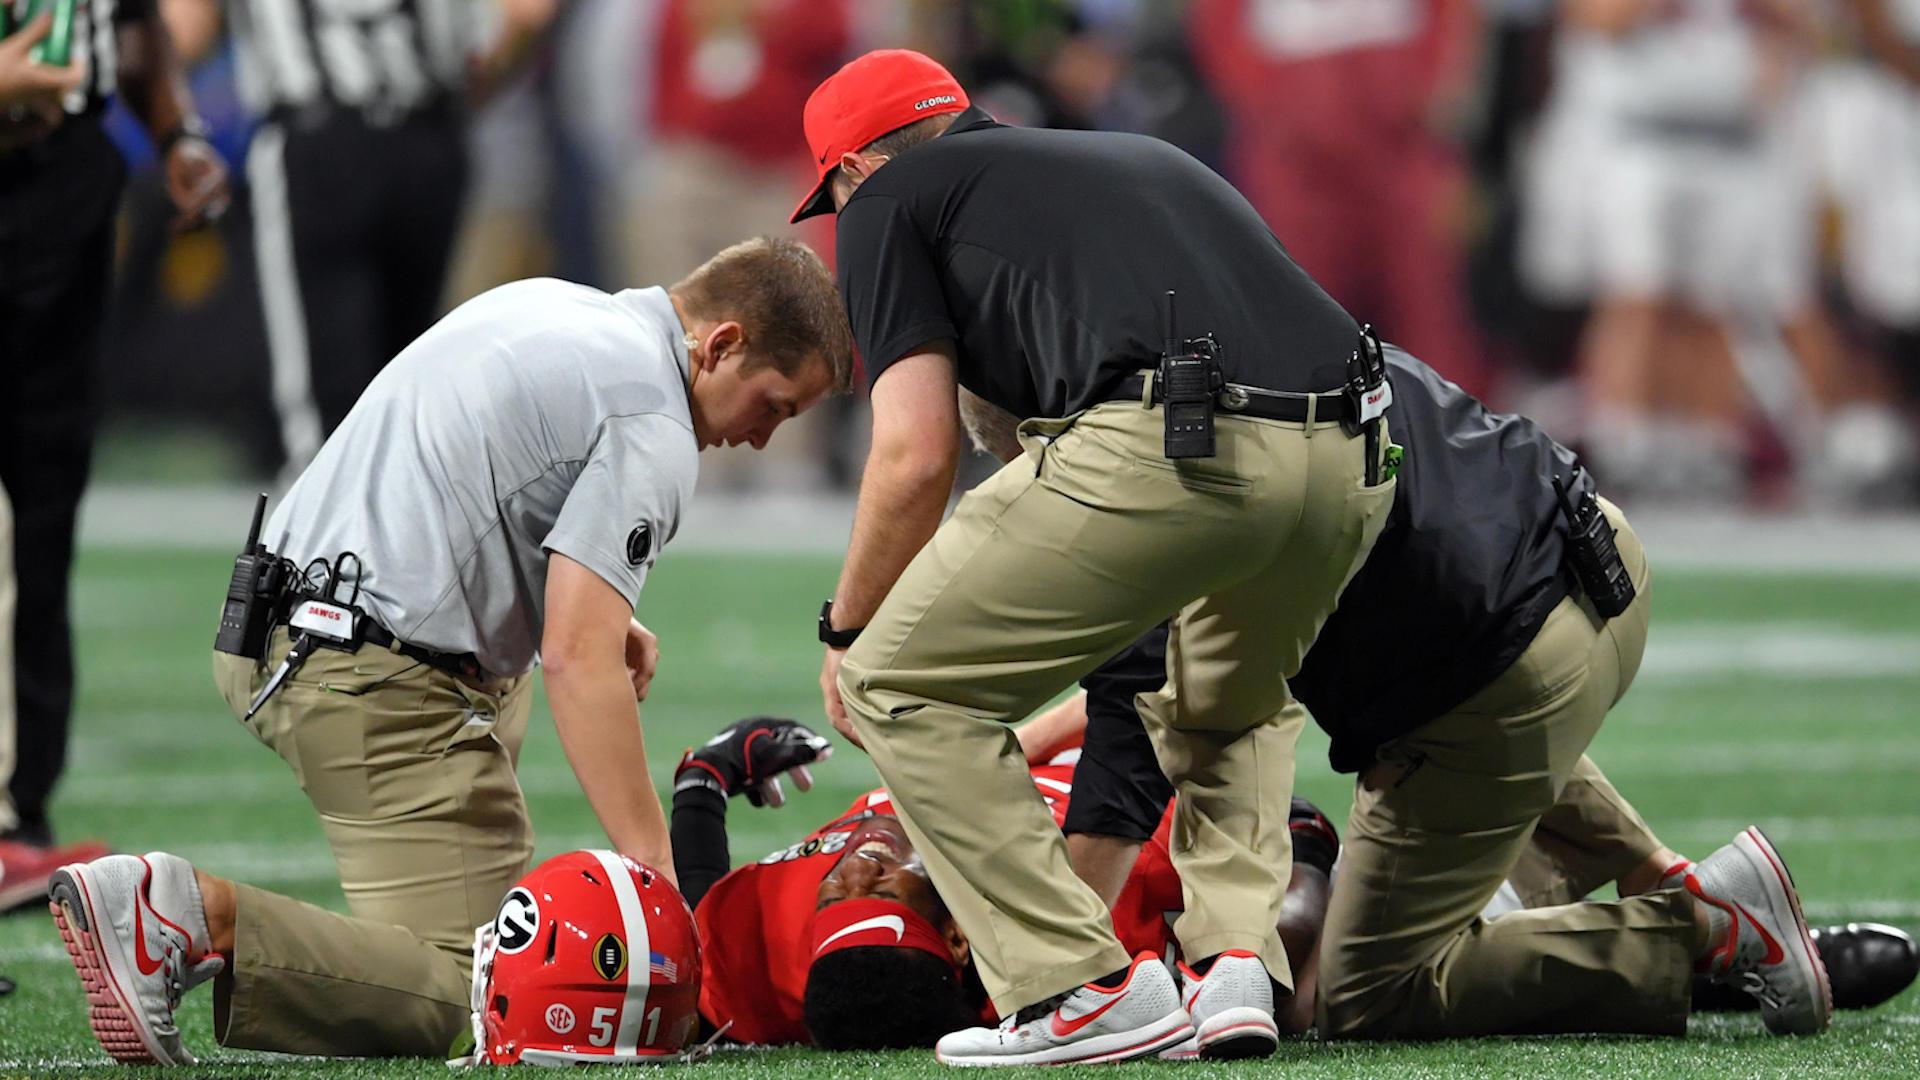 college-football-injuries.jpg